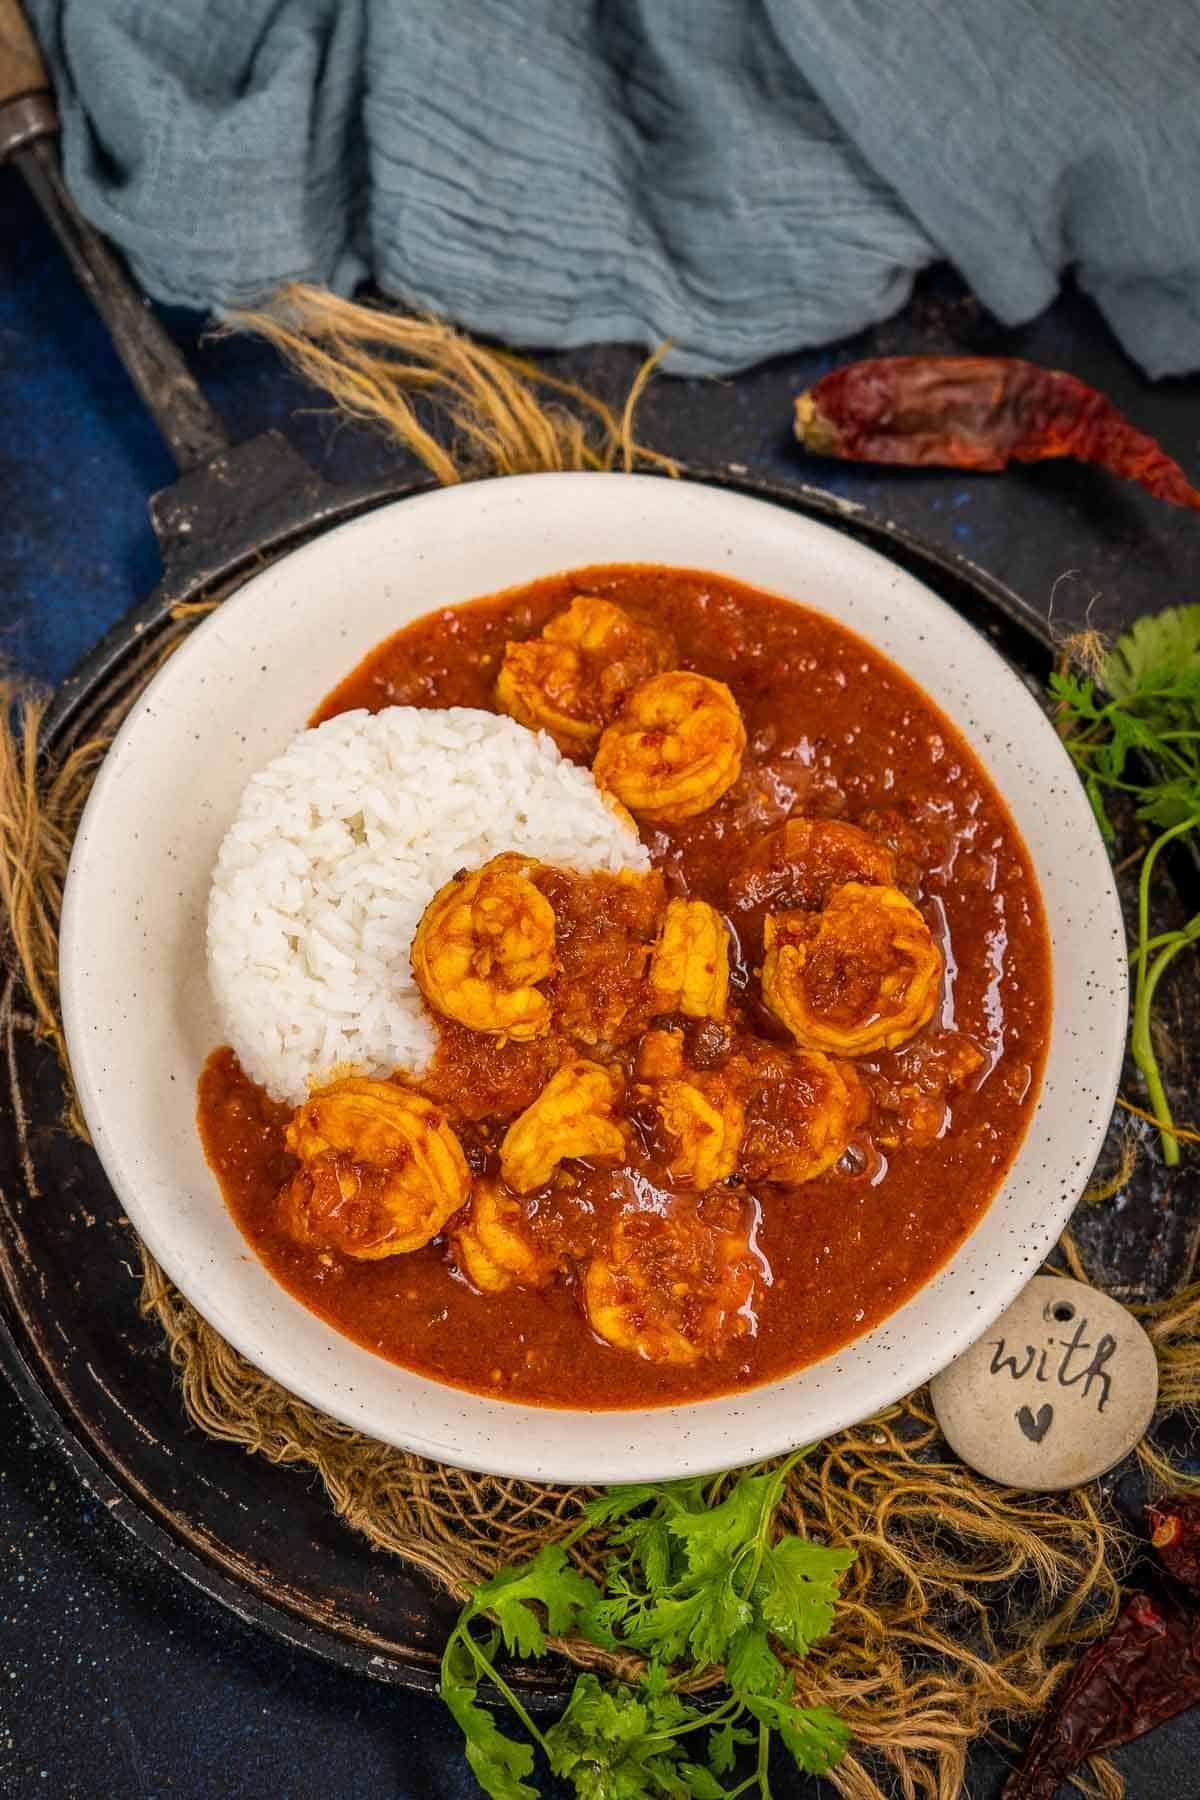 Shrimp vindaloo served in a bowl.